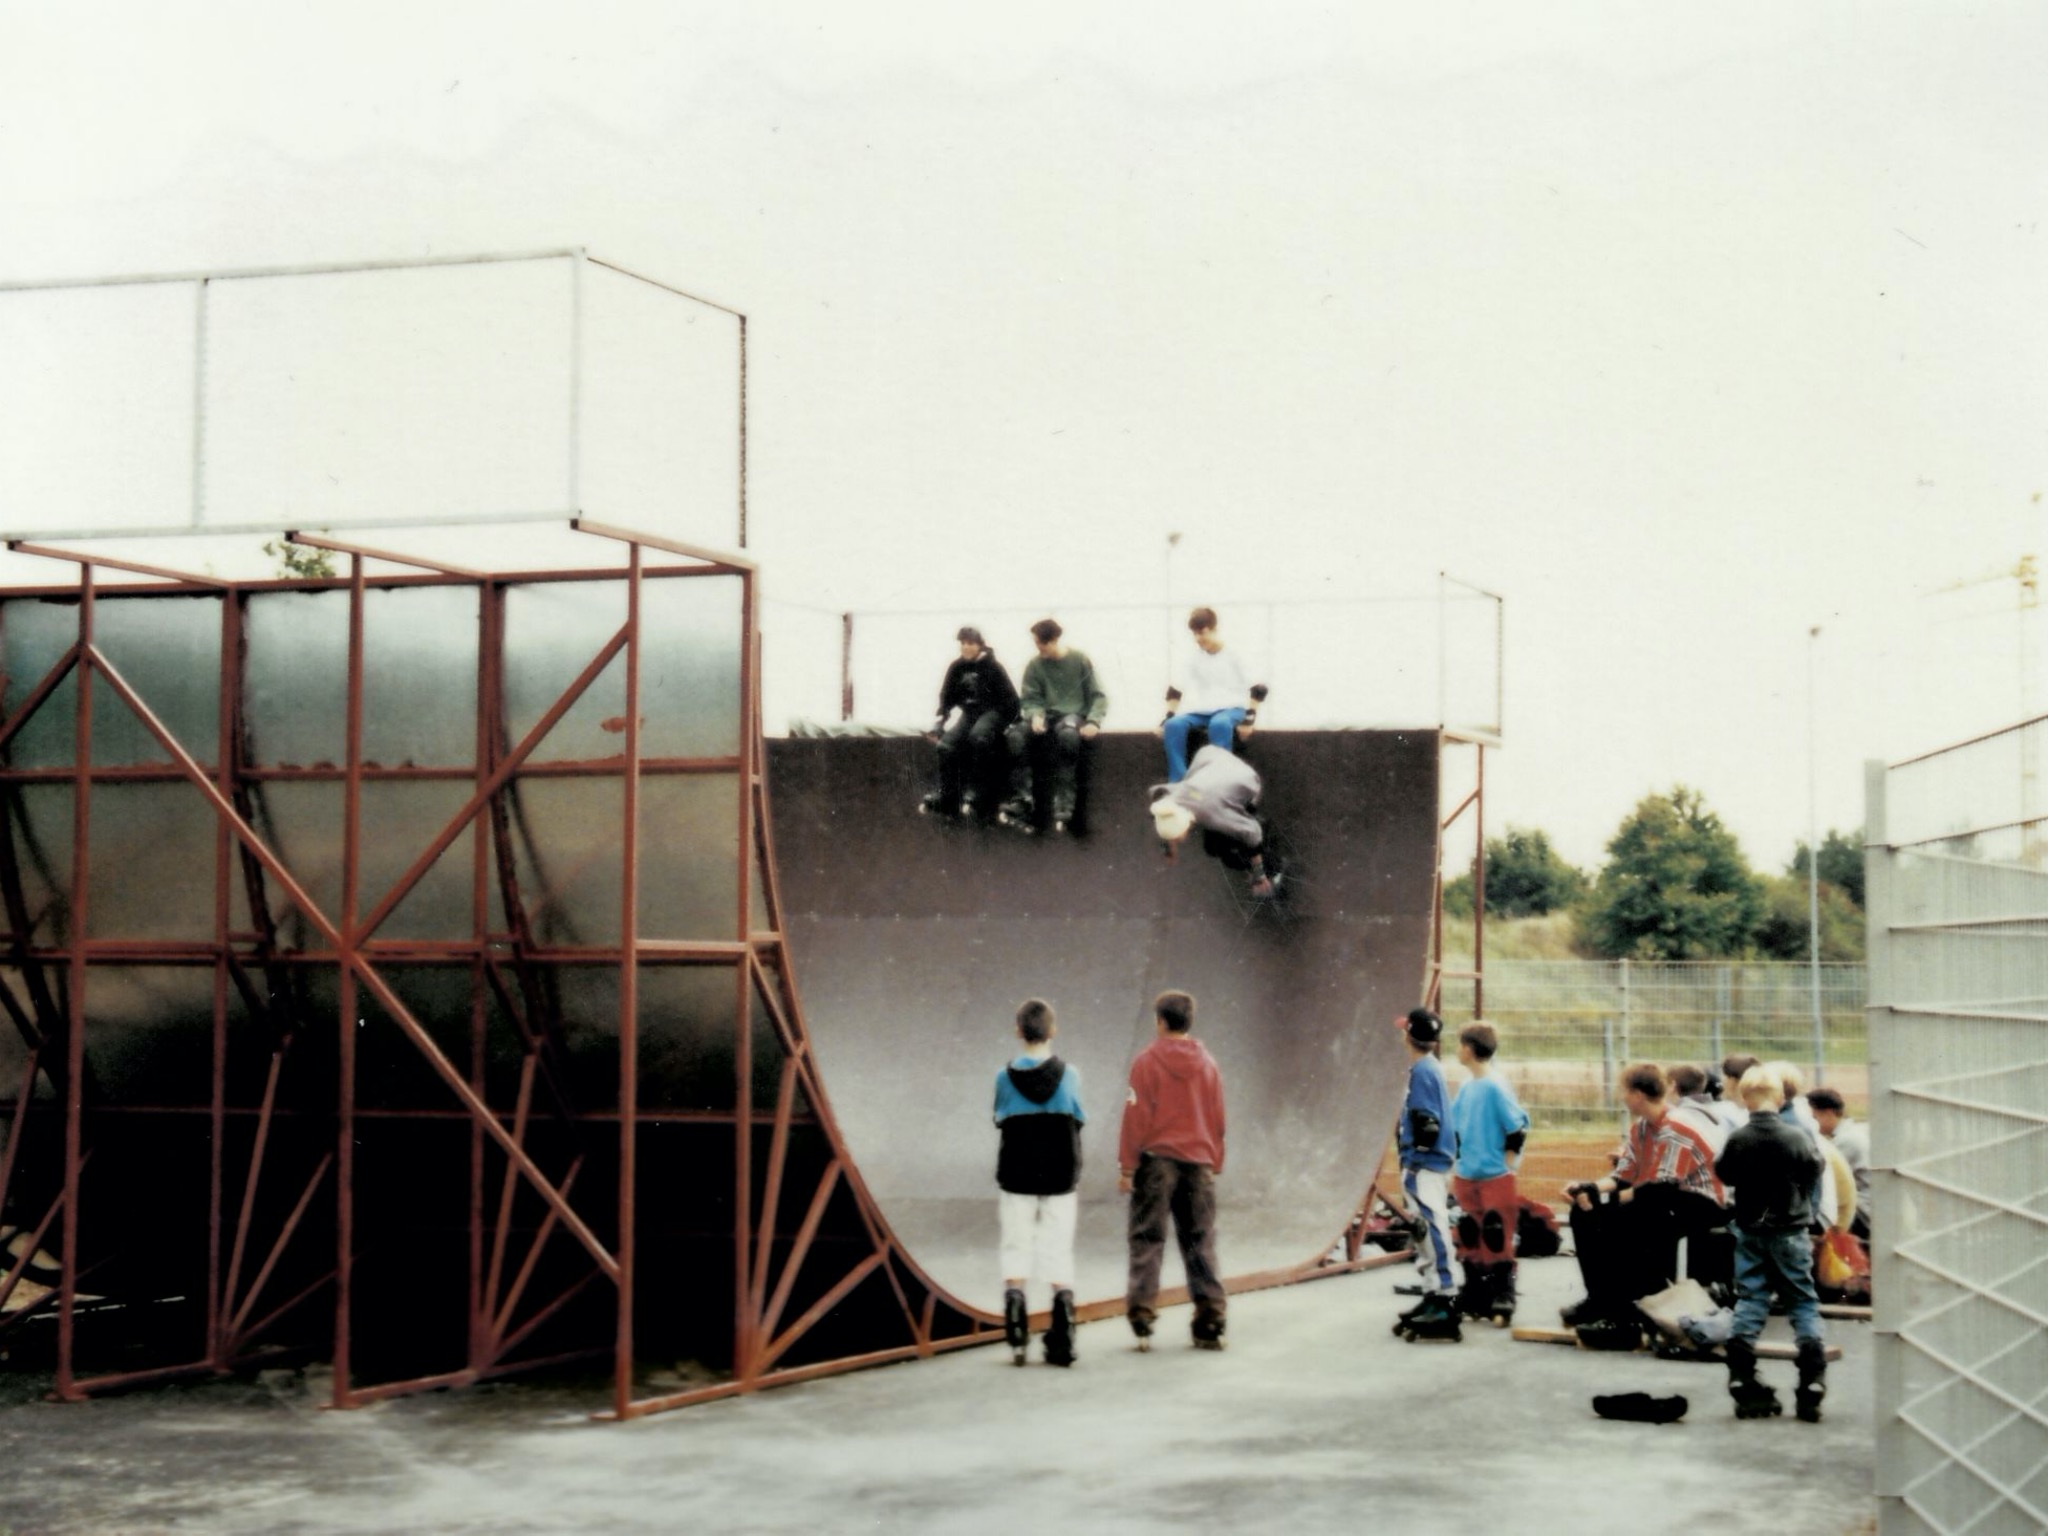 Die alte Halfpipe in den 90ern war eine richtige Herausforderung und sehr gefährlich. Foto: Archiv JUZ Heuchelhof